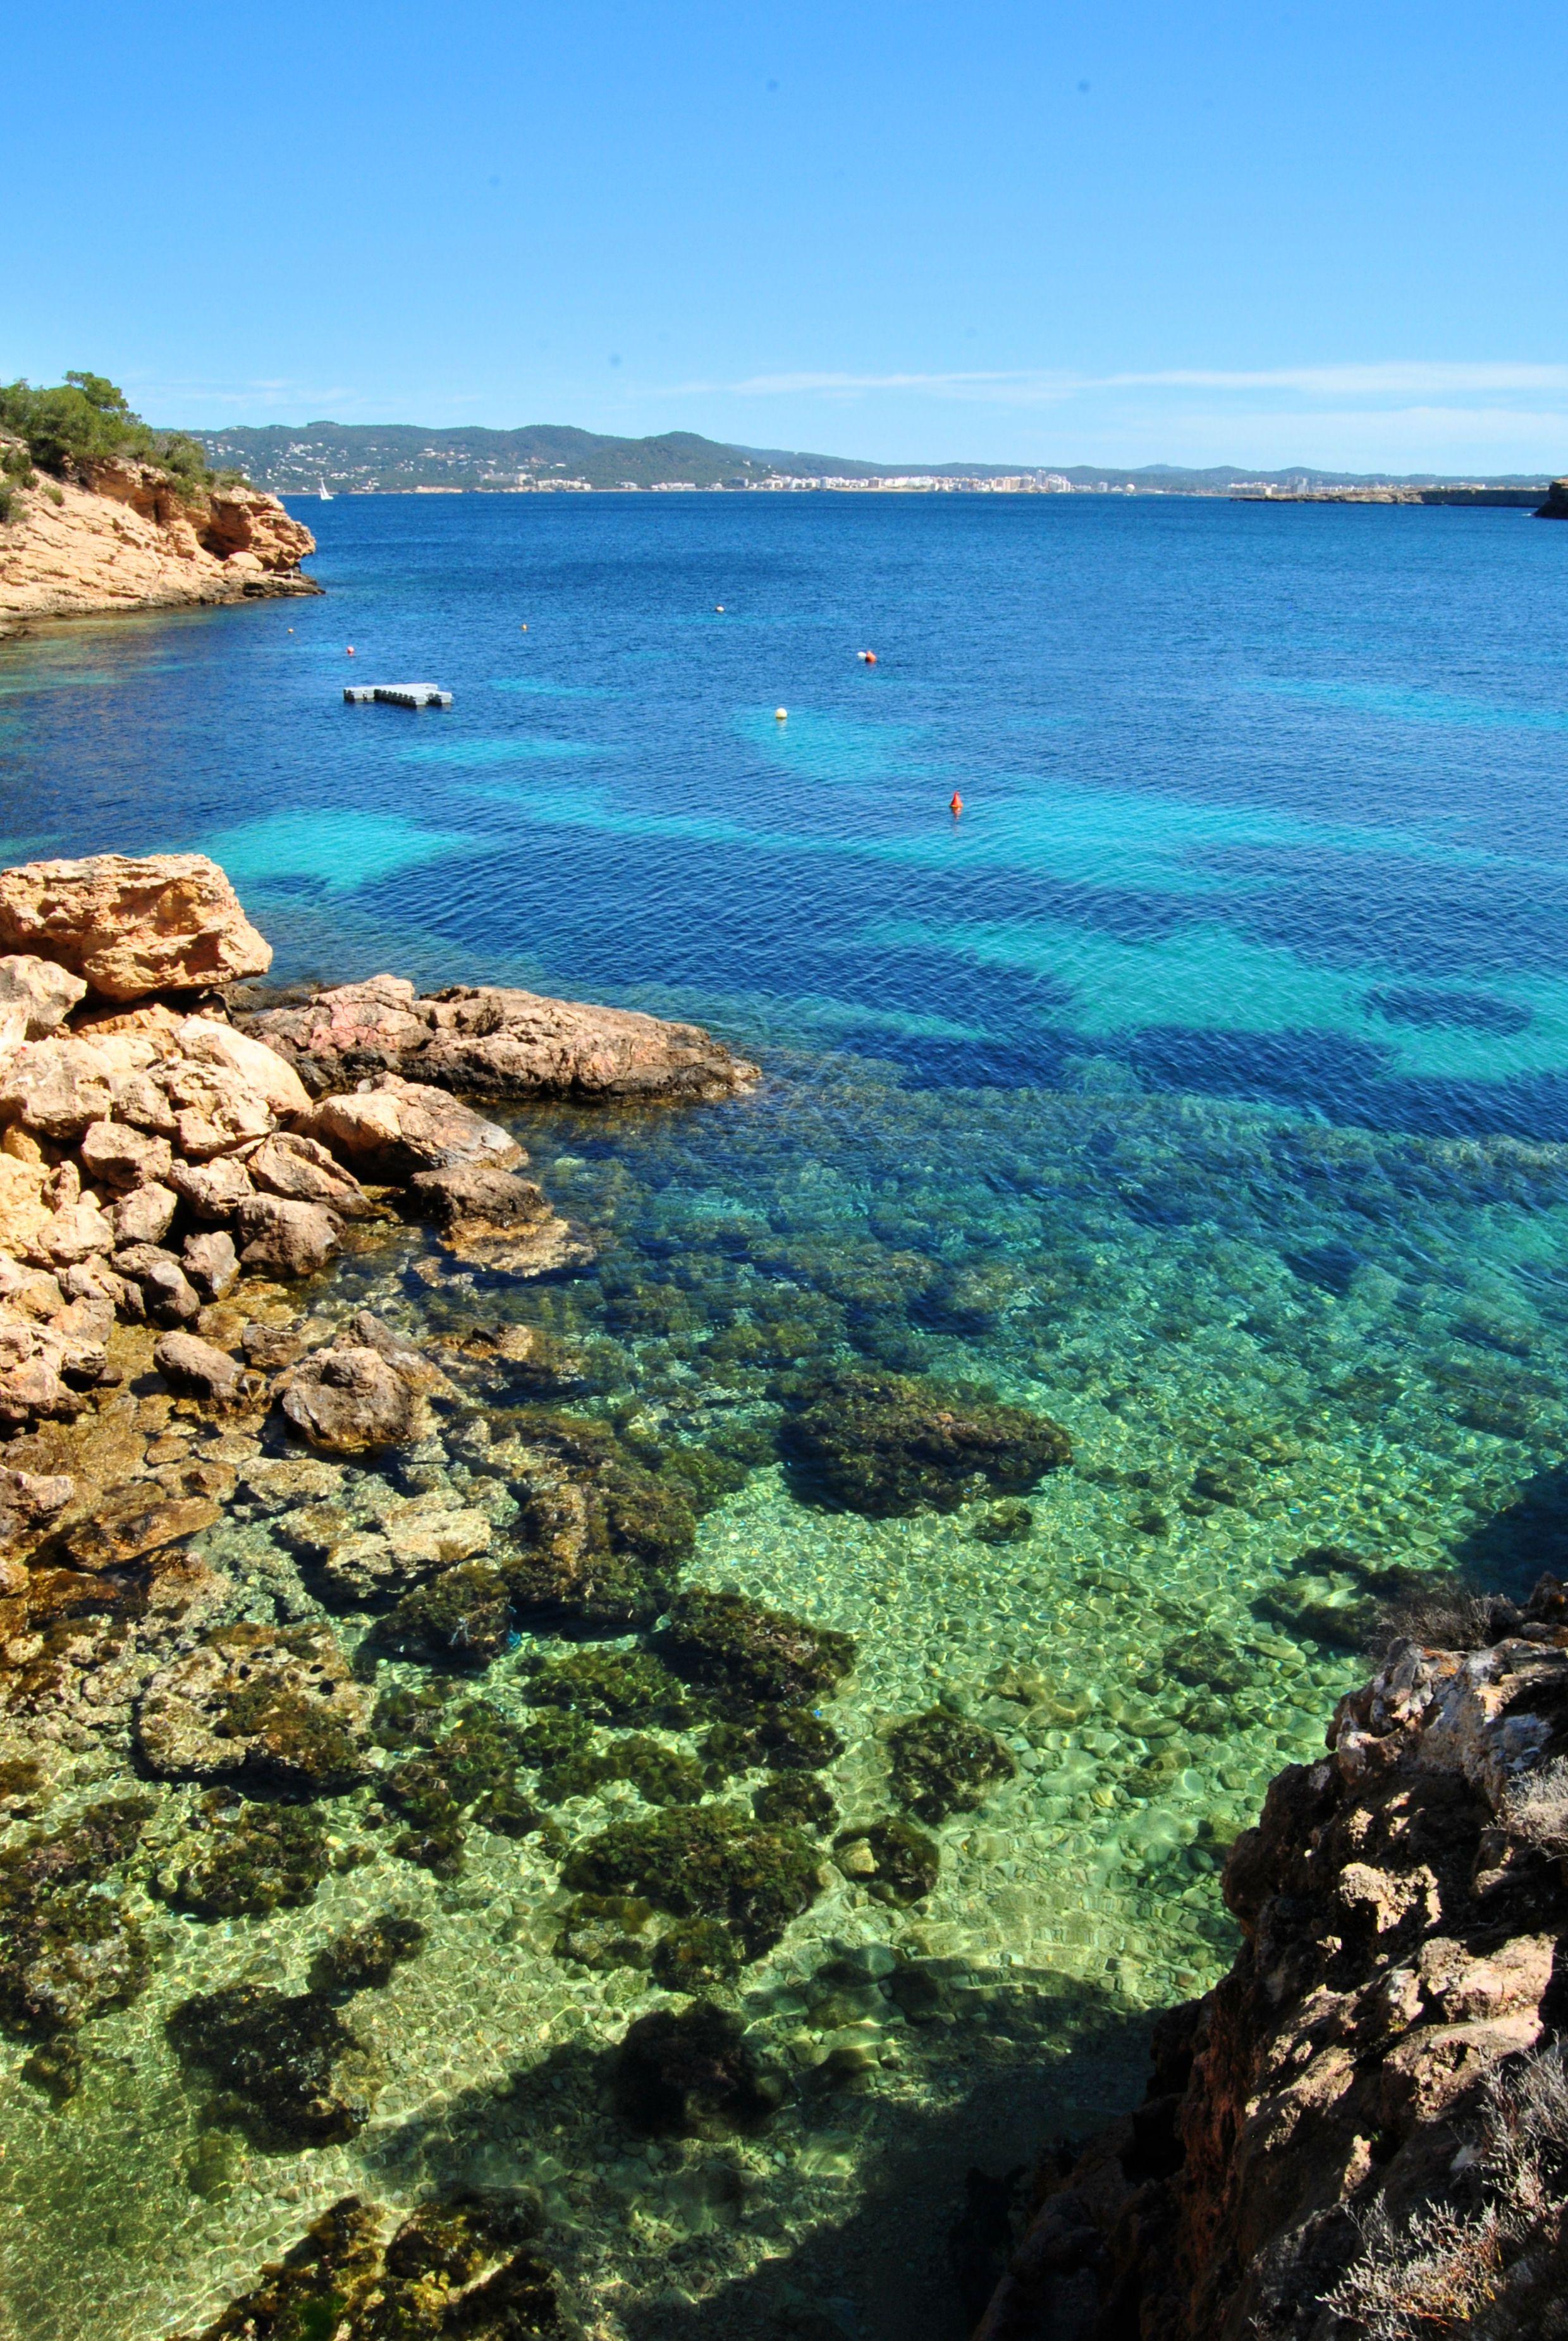 Racons de Cala Bassa, Ibiza | Ibiza | Ibiza beach, Ibiza